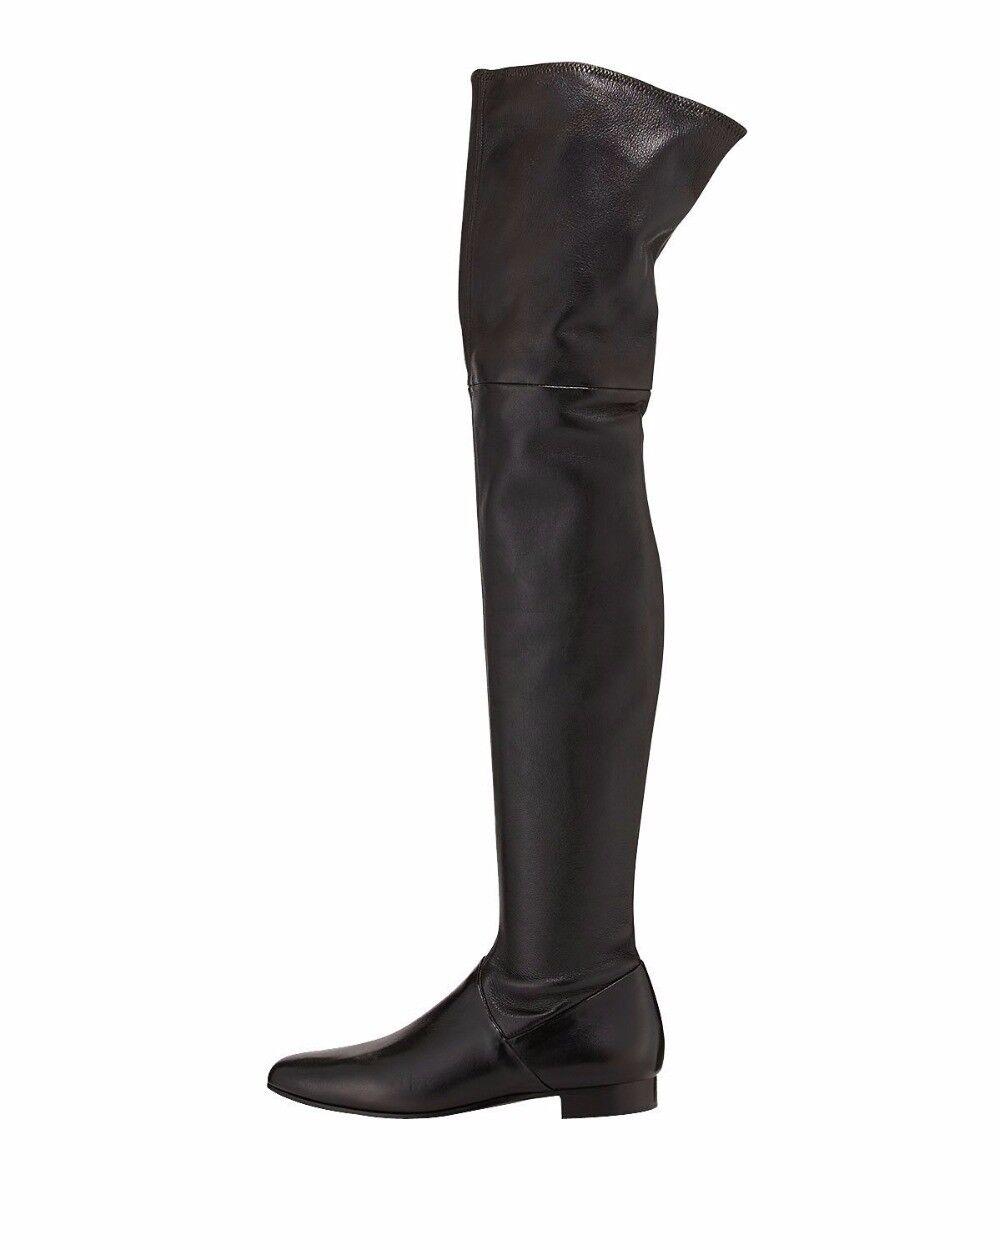 economico e di alta qualità Winter donna Round Toe Flat Over Over Over Knee stivali Thigh High Zip Up  nero Big Dimensione  prezzo basso